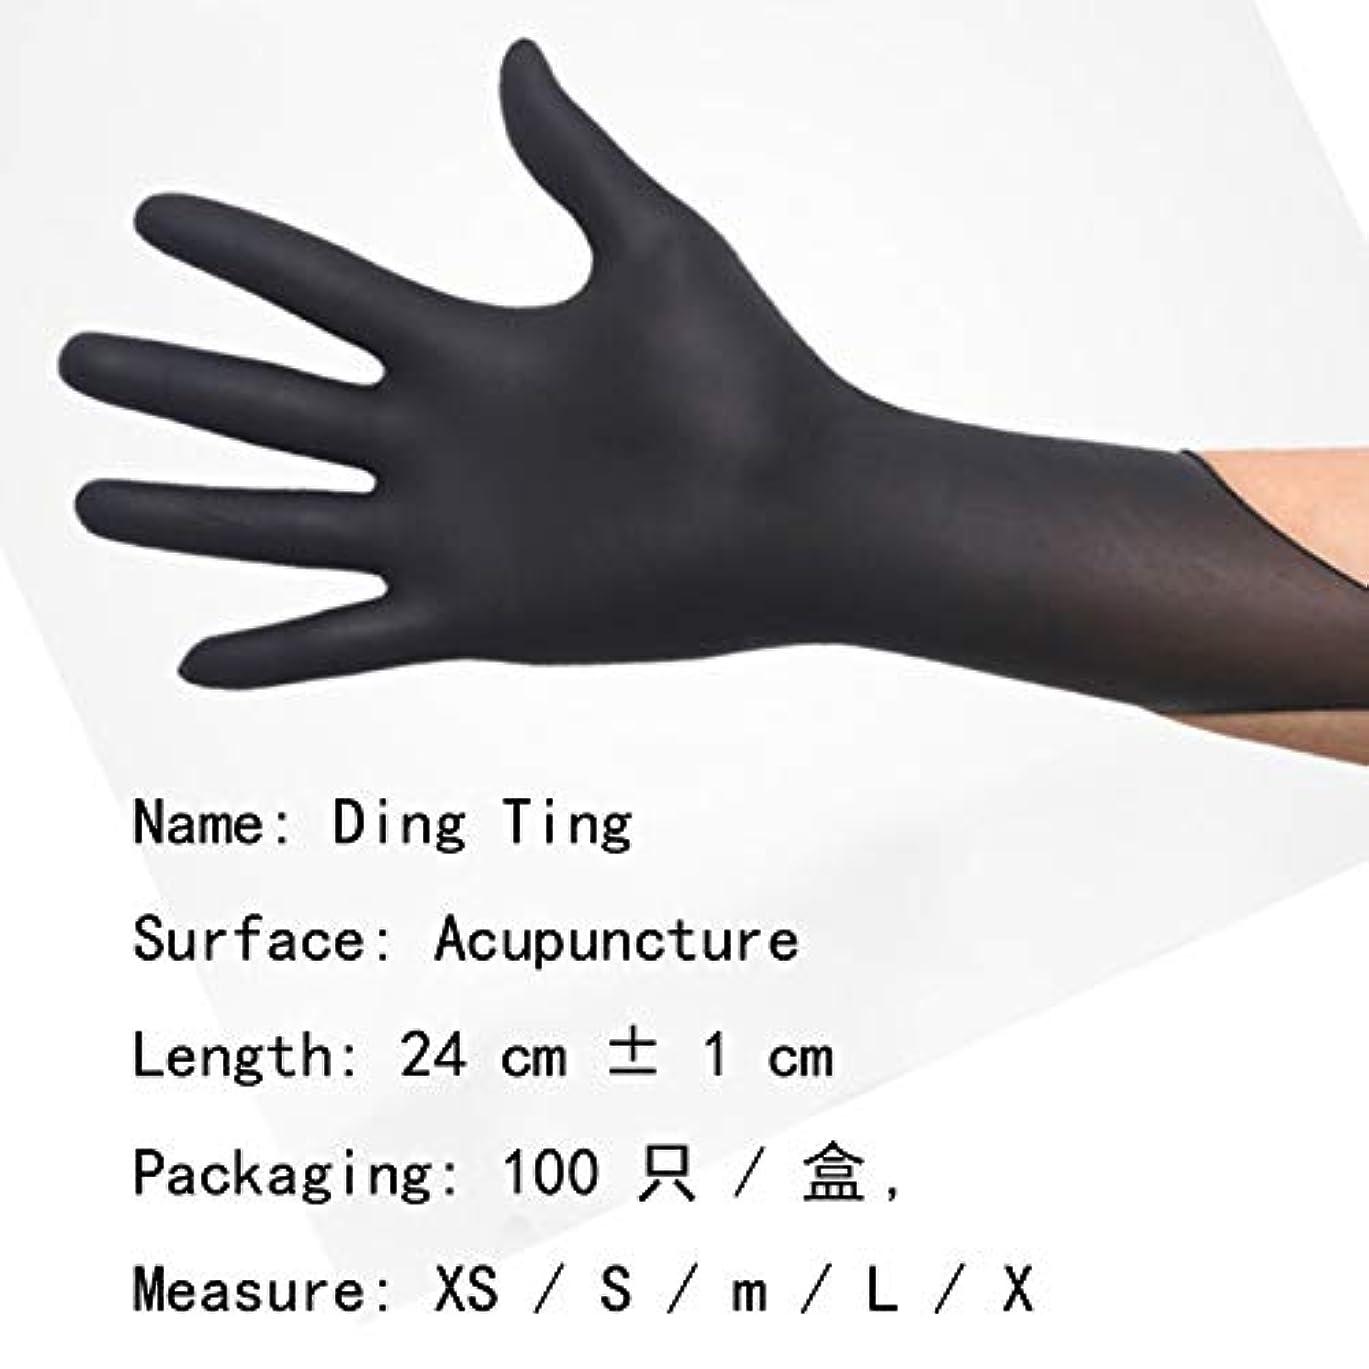 船形悲しいことに放つニトリル手袋黒ニトリル4ミル厚使い捨て手袋×ラージケース100試験医療用ラテックスフリーブラックM-L食品、工業用、クリーニング (Size : L)